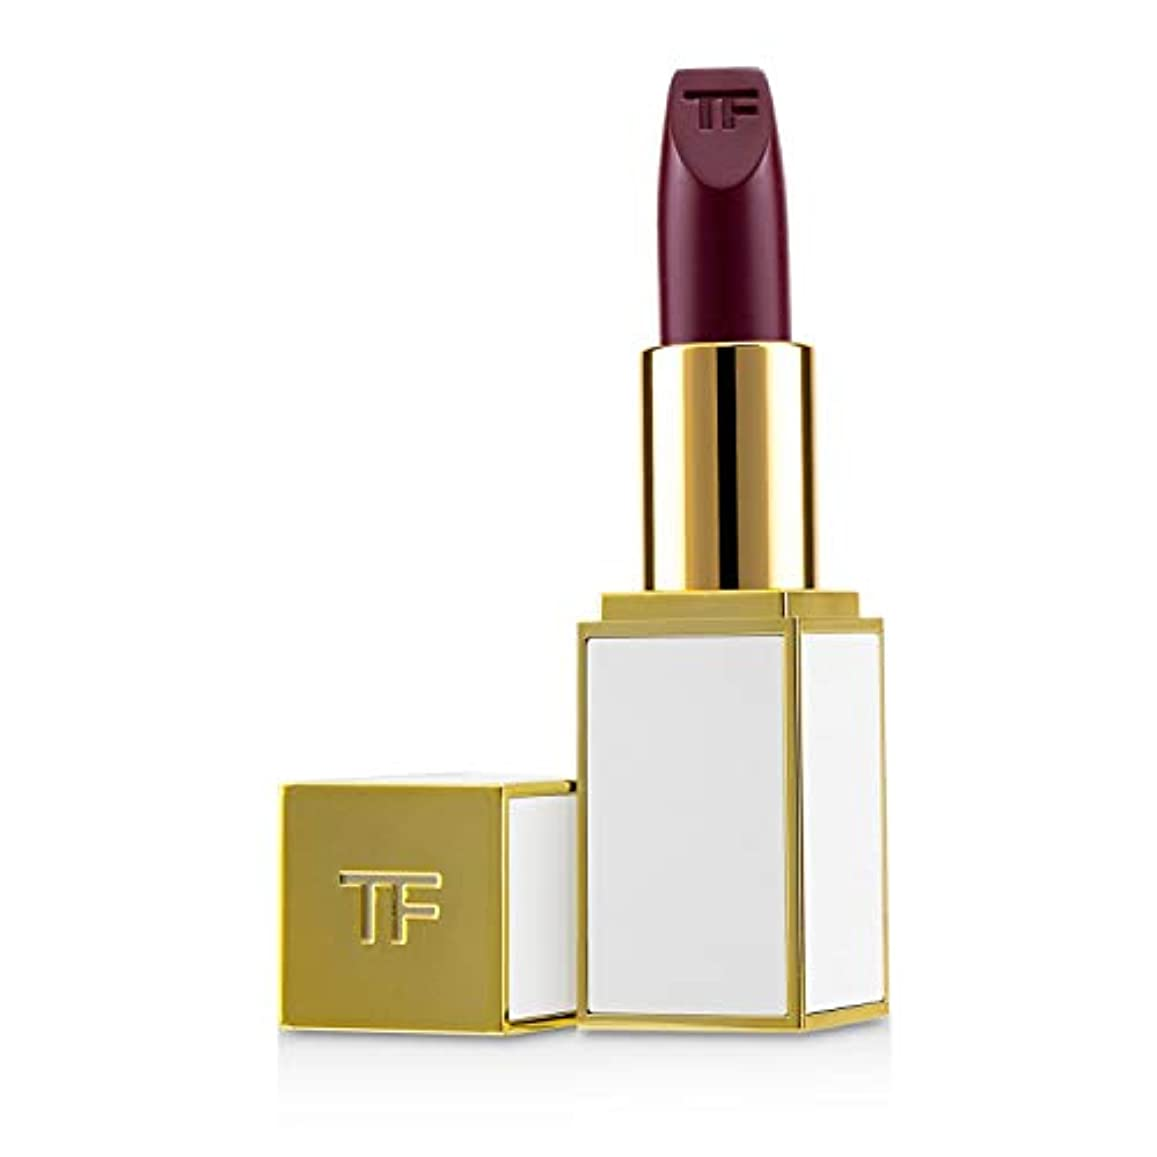 自発的スクラップブック偏見トム フォード Lip Color Sheer - # 01 Purple Noon 3g/0.1oz並行輸入品